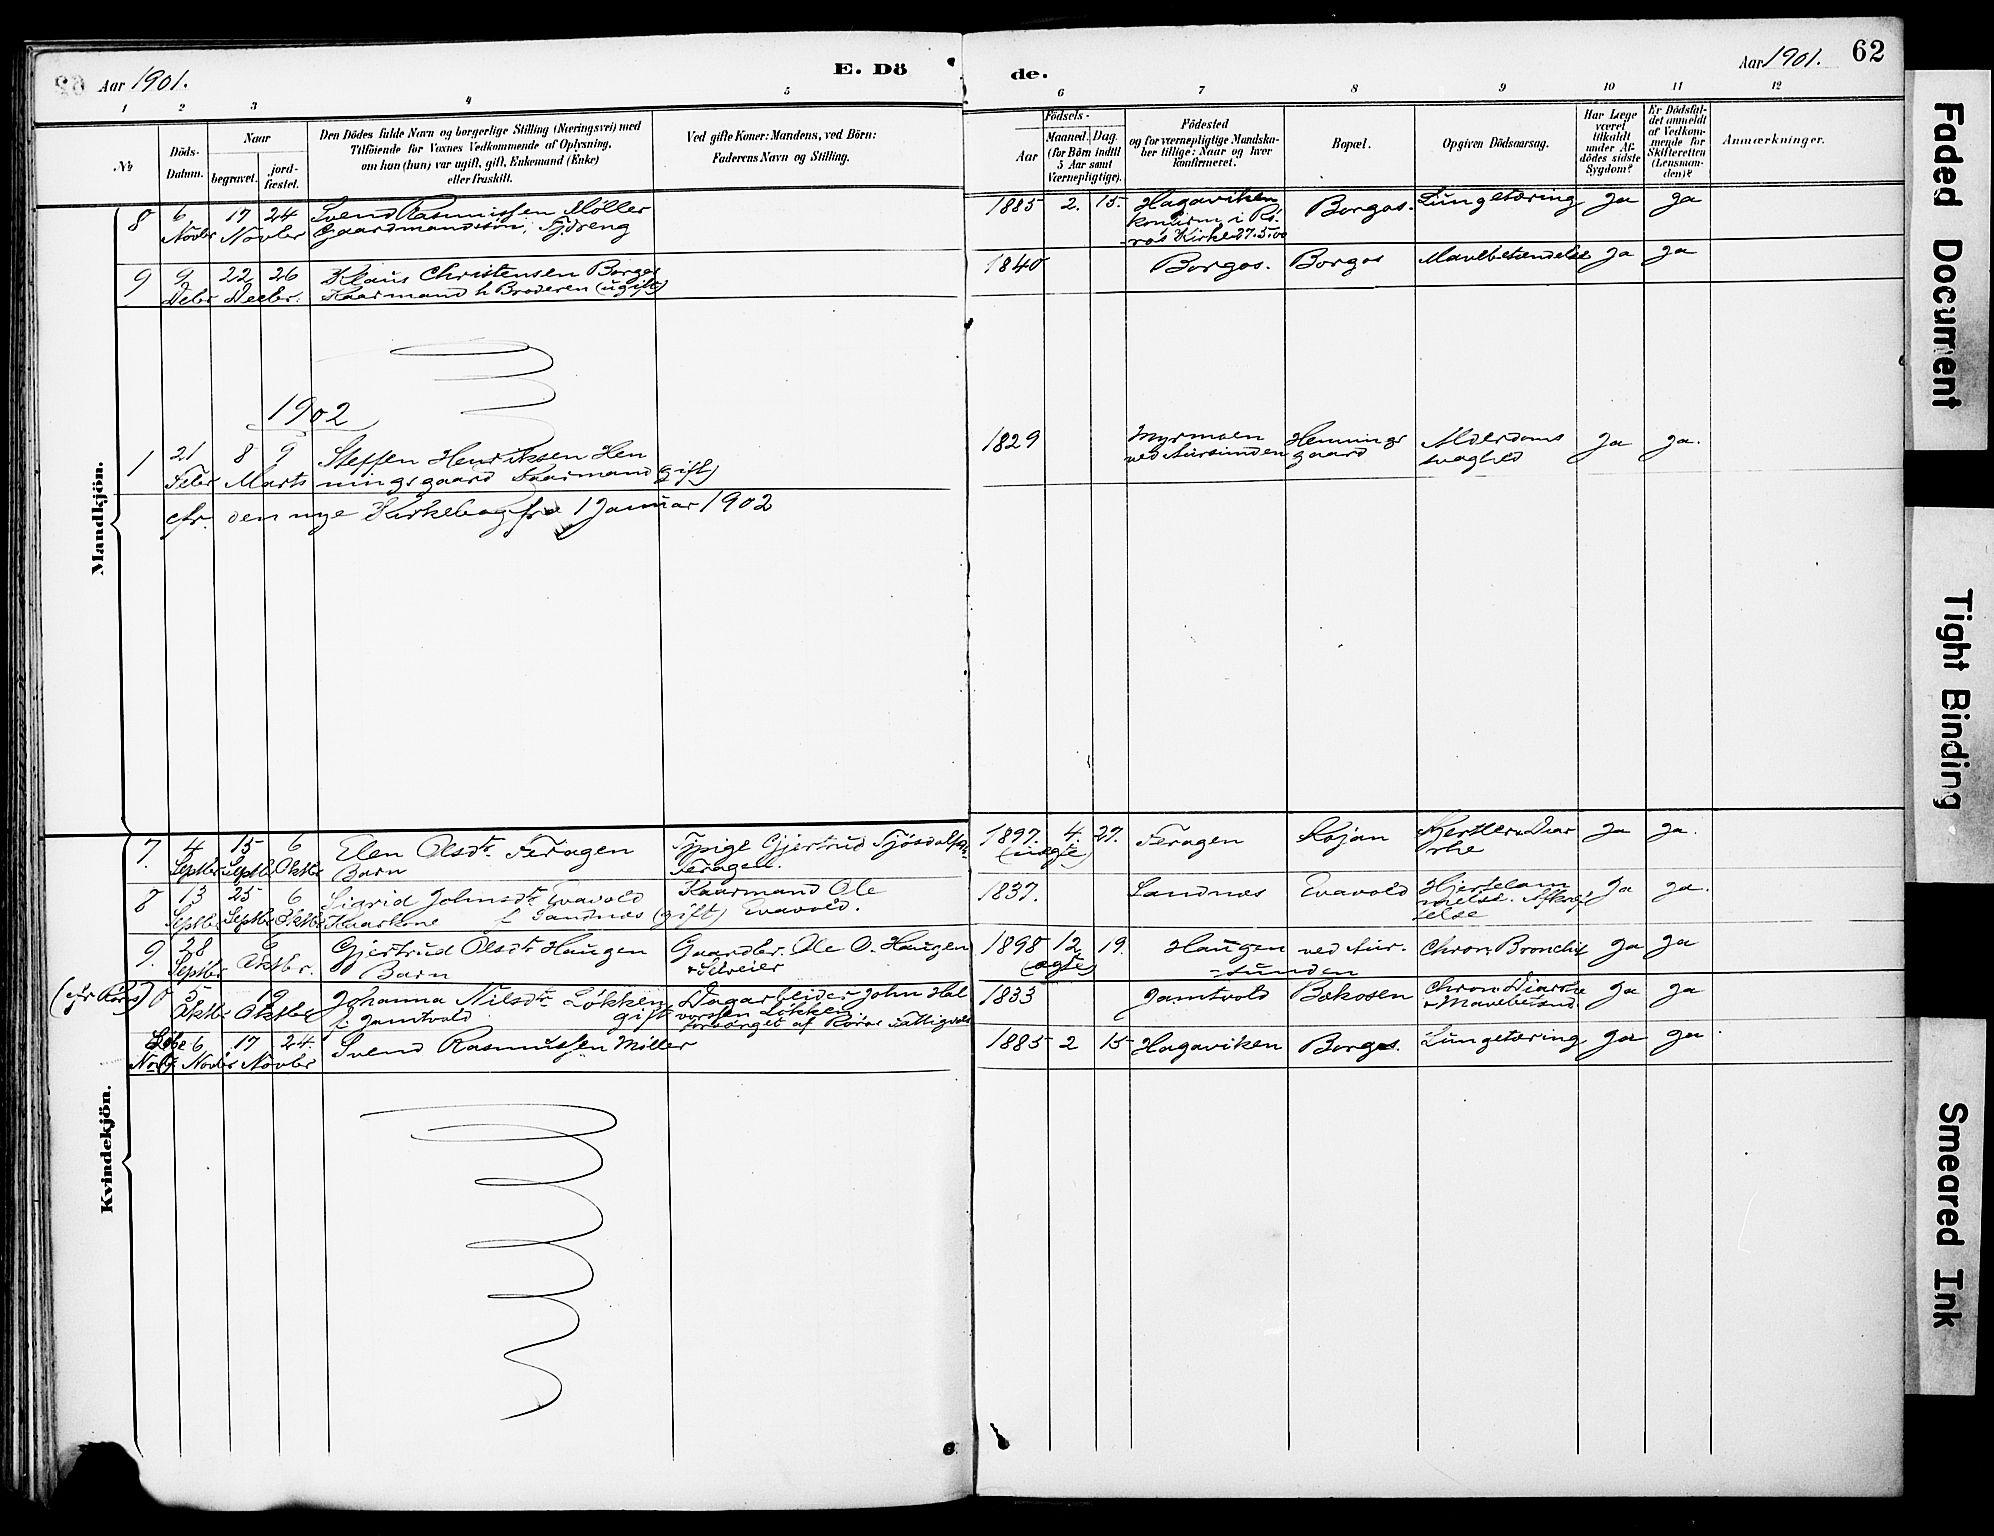 SAT, Ministerialprotokoller, klokkerbøker og fødselsregistre - Sør-Trøndelag, 683/L0948: Ministerialbok nr. 683A01, 1891-1902, s. 62